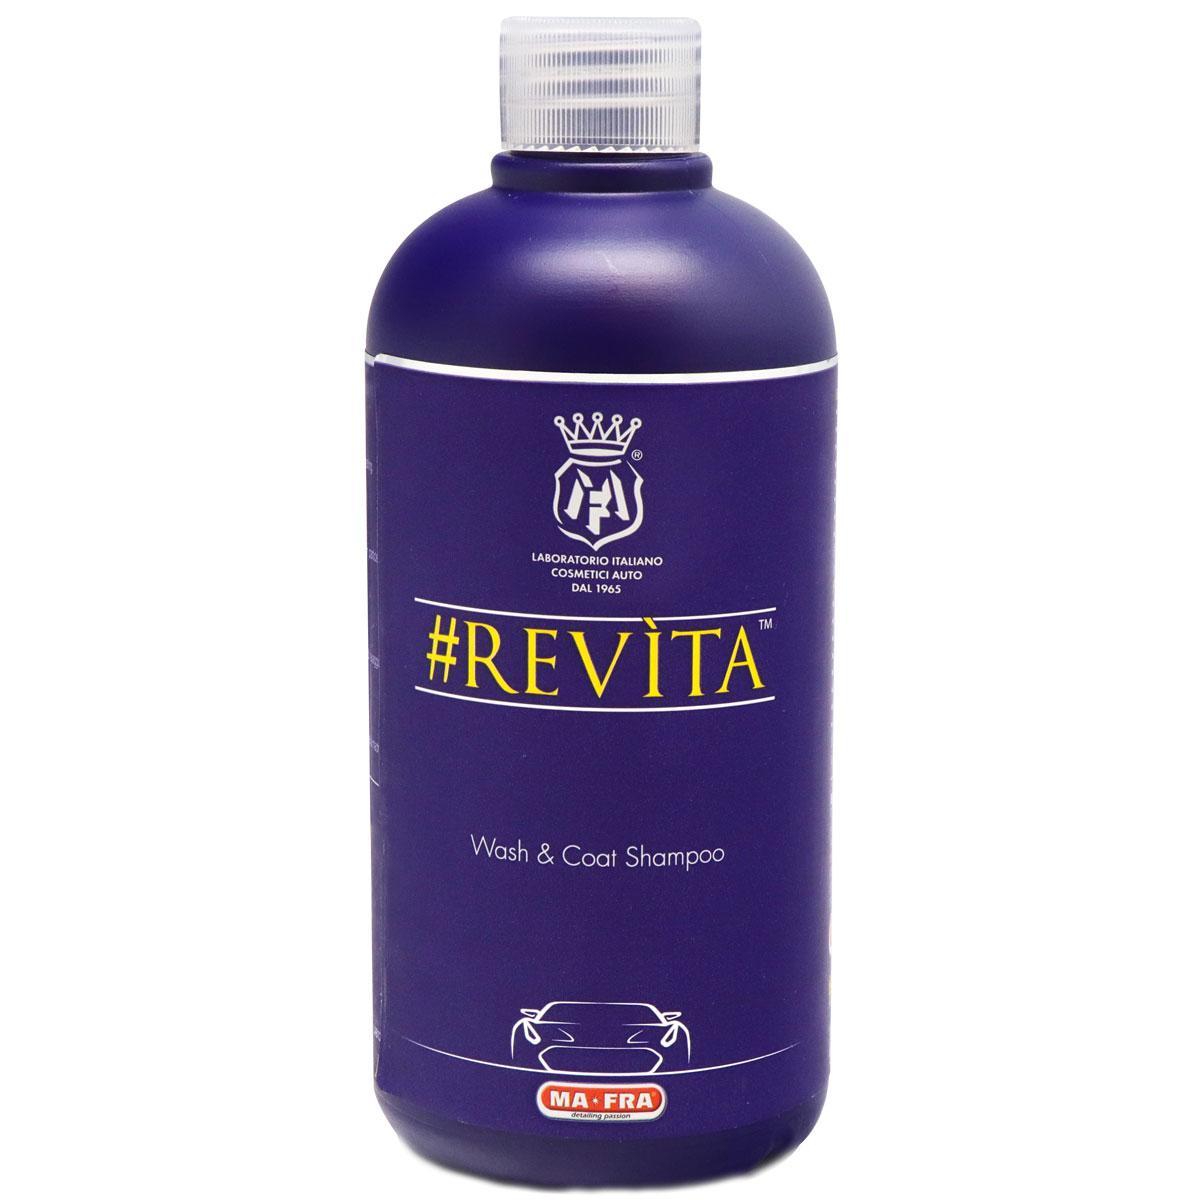 Жидкое стекло, сатин или лед #REVÌTA -100ml (нано-шампунь для поддержки нанокерамики)